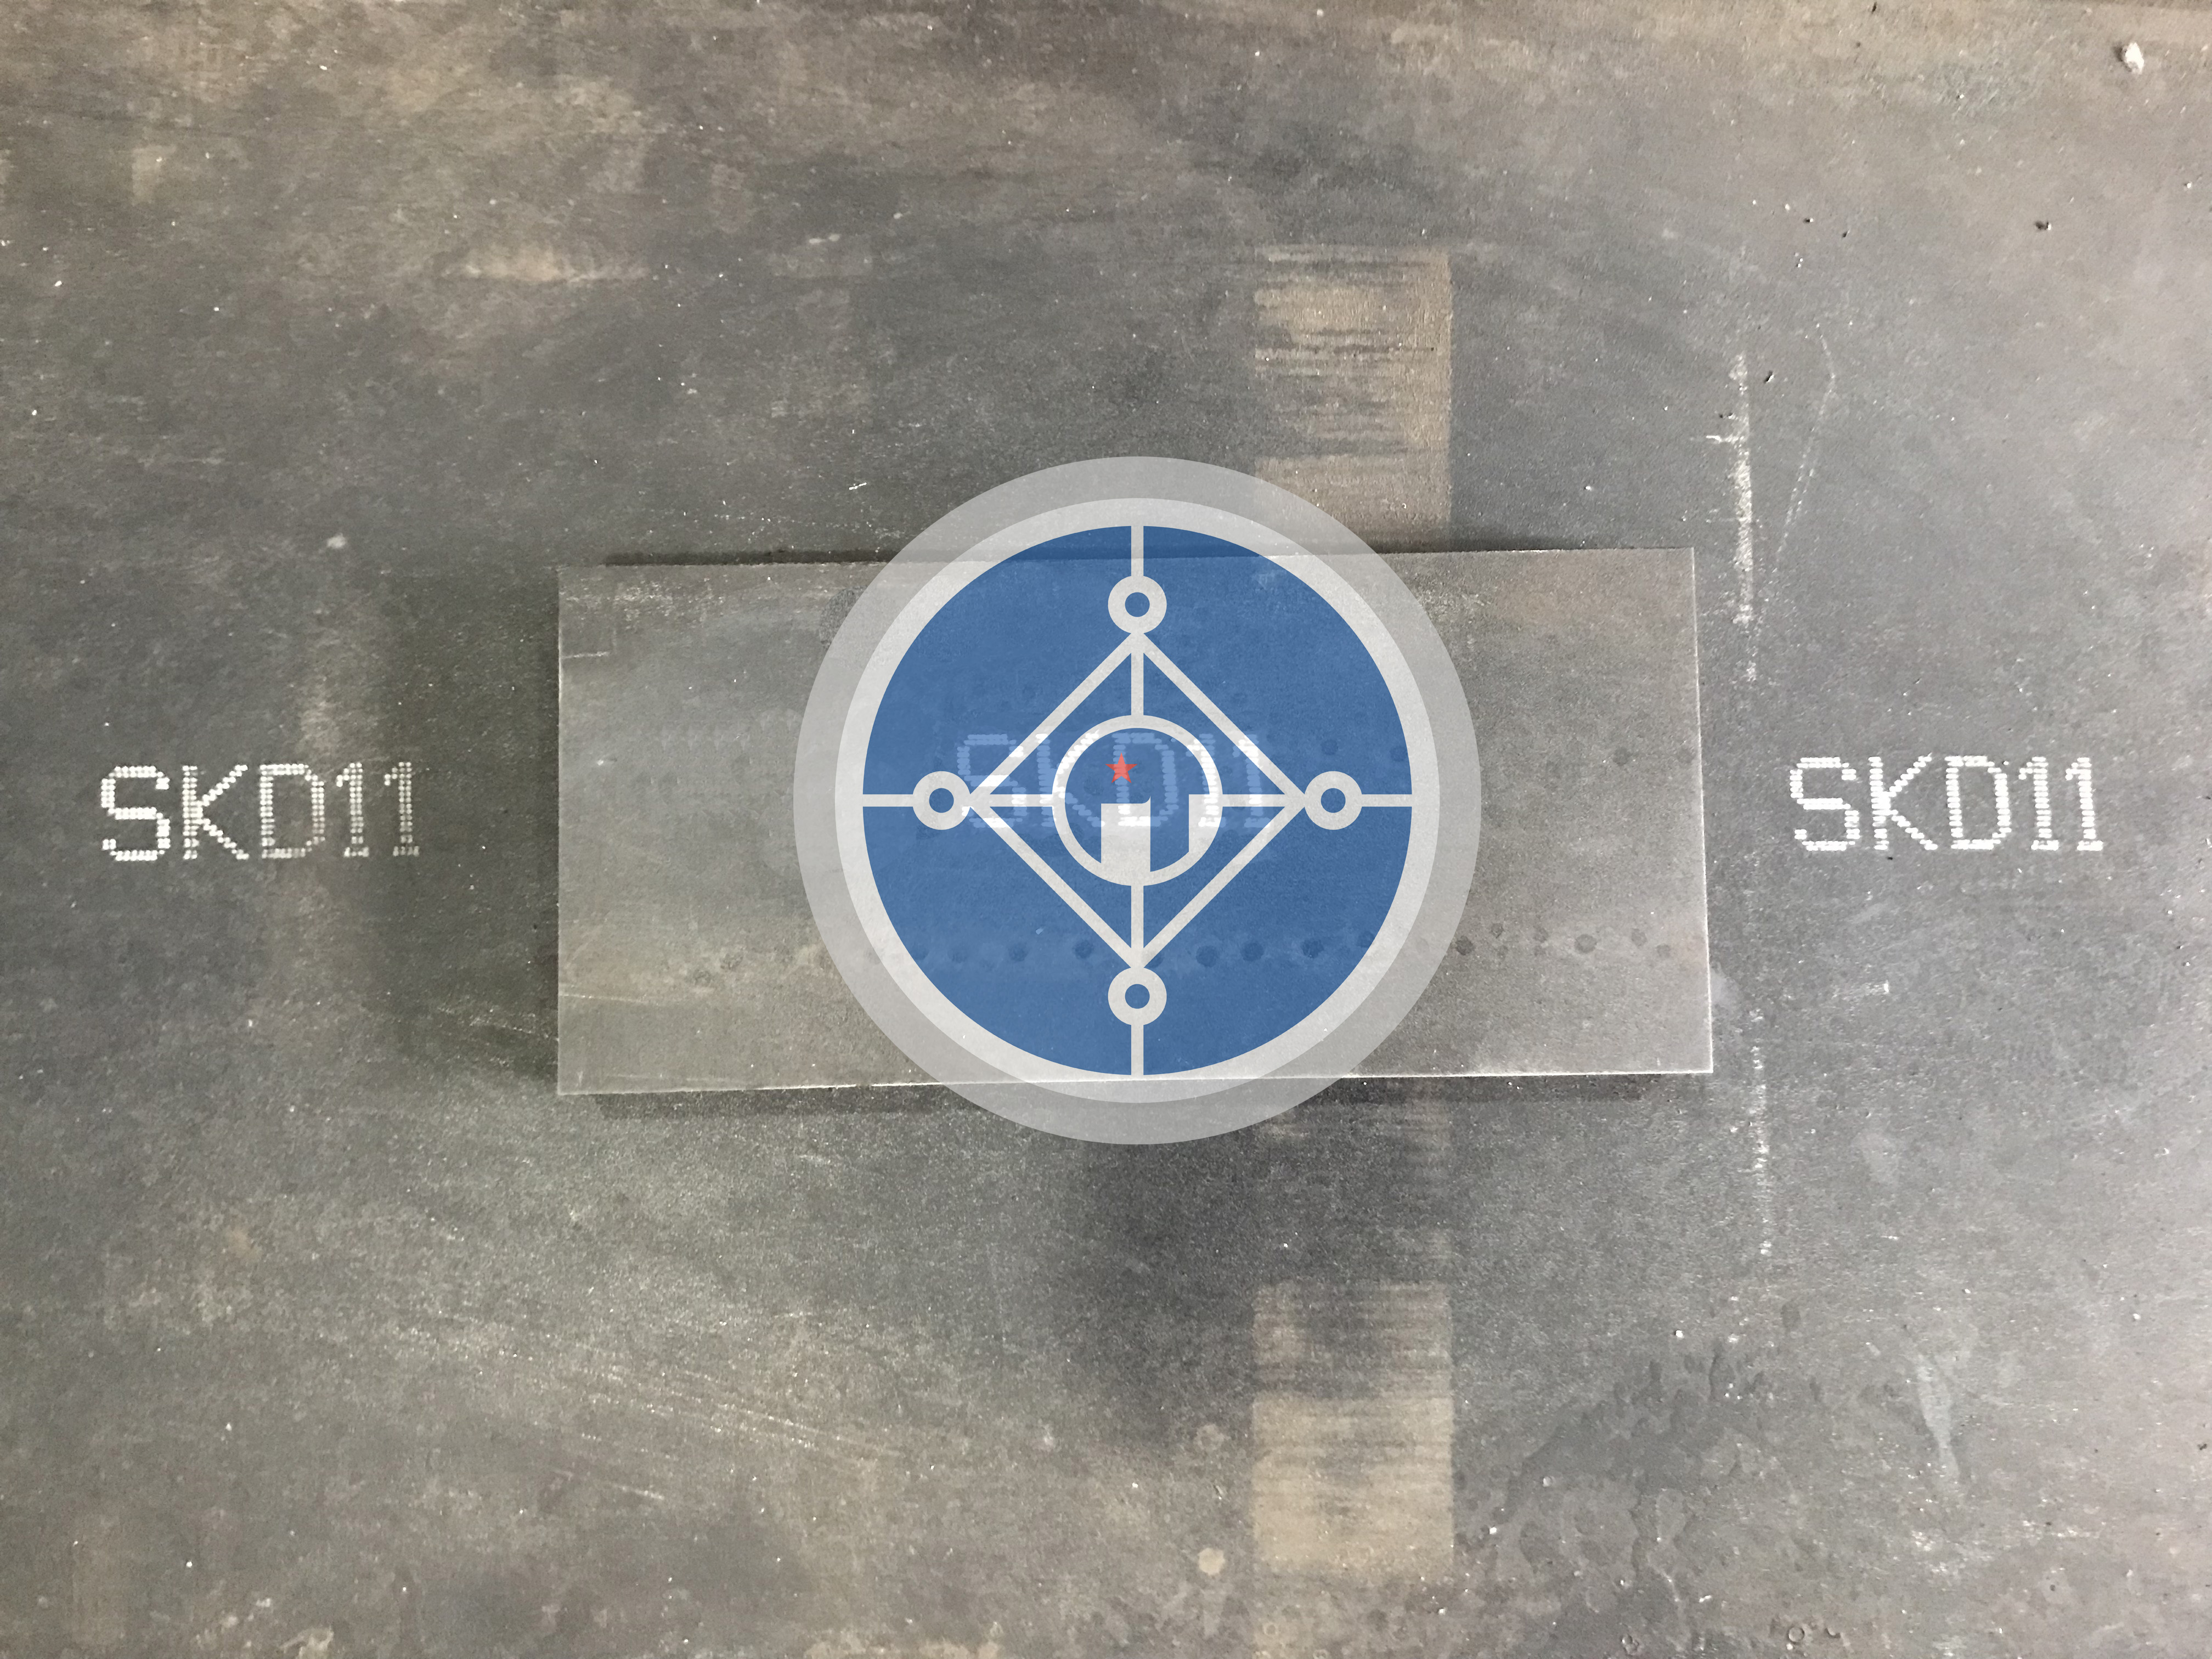 Độ cứng thép tấm SKD11 làm dao băm gỗ